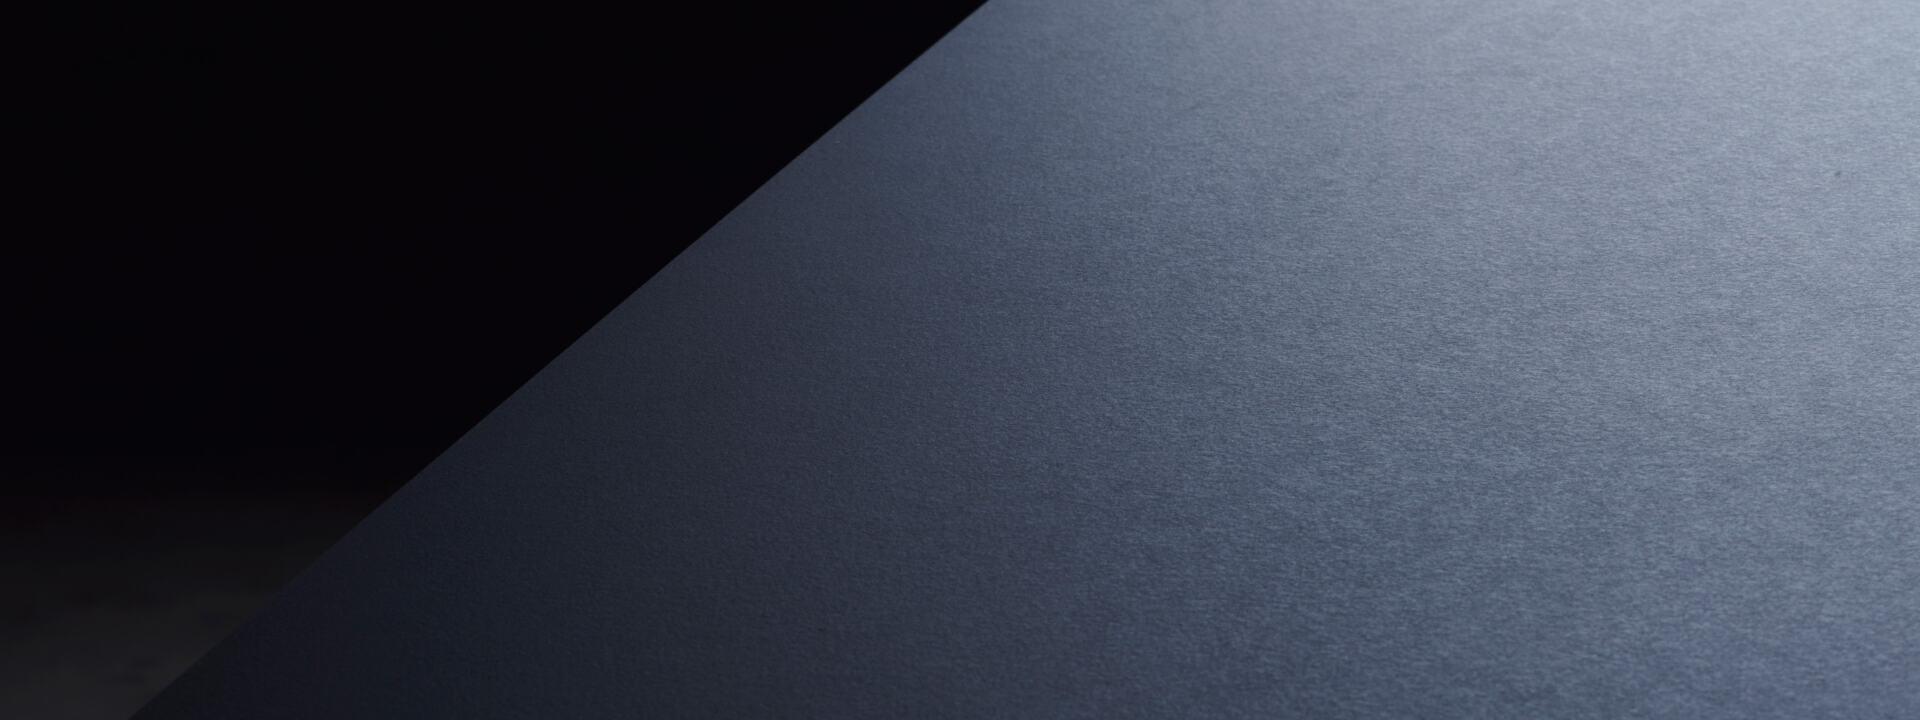 Linoleum, Tischplatten, Tische, Tischgestelle, Regalsystem, Stühle & Hocker, Büro & Zuhause, Zubehör